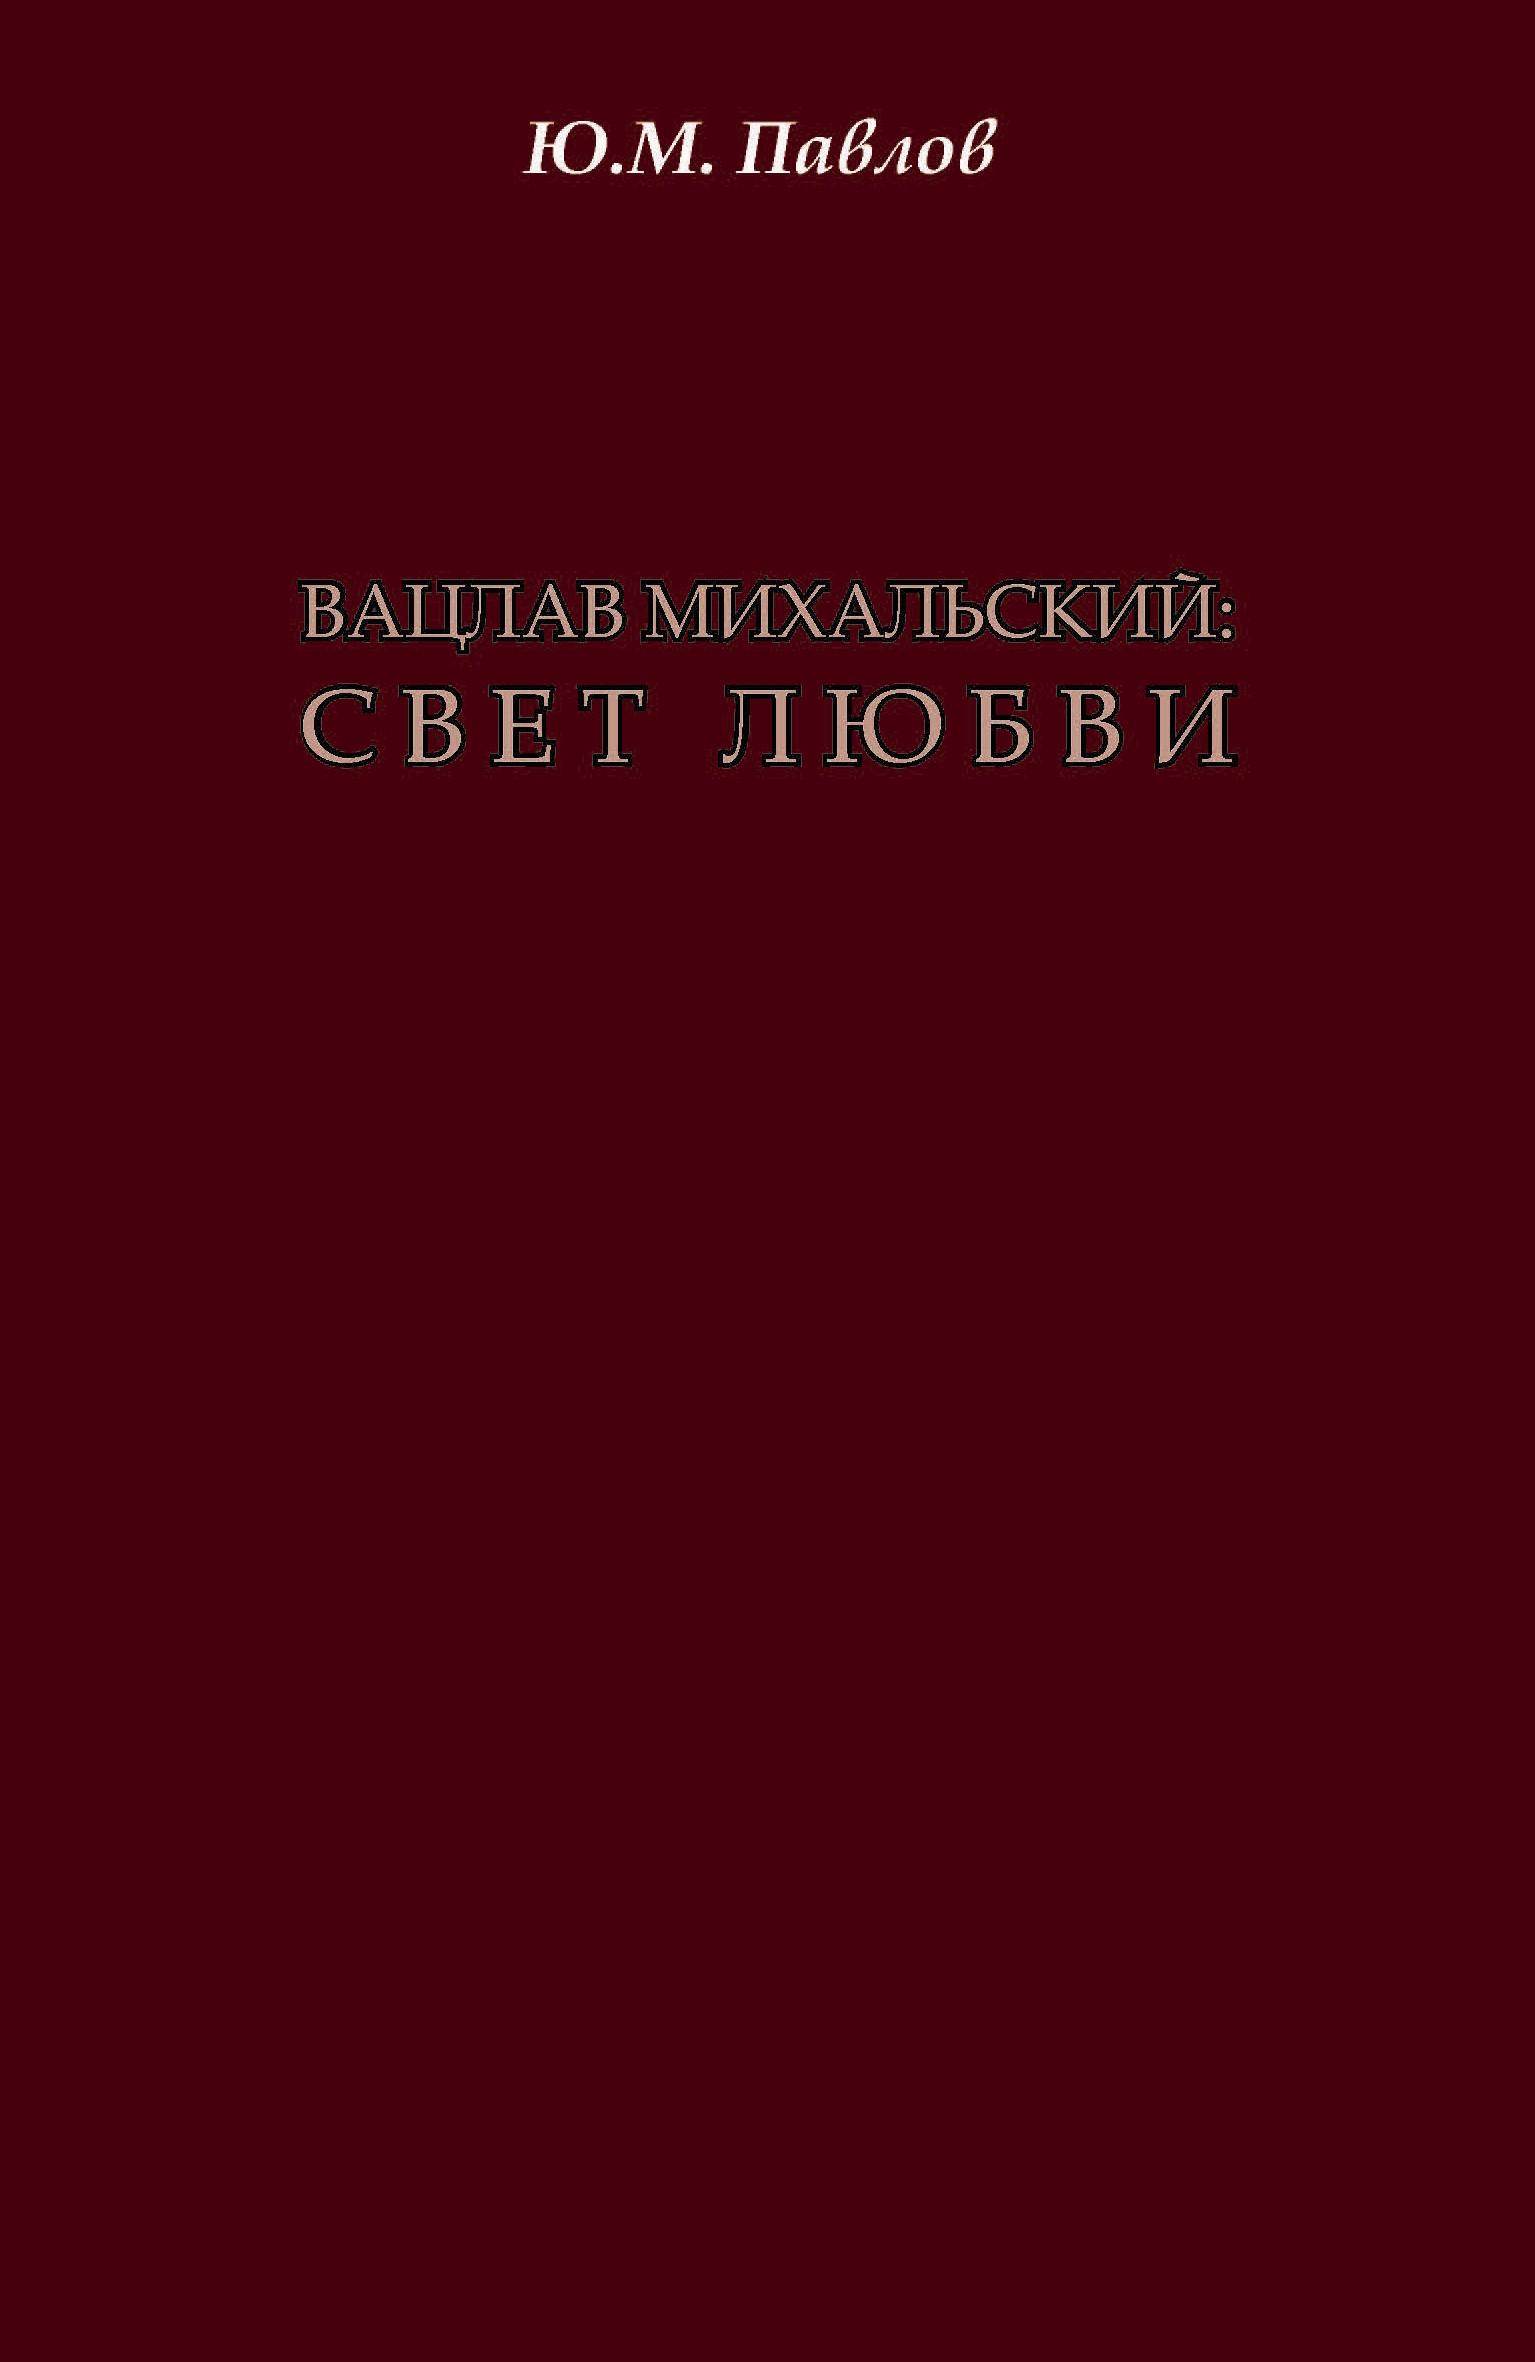 Ю. М. Павлов Вацлав Михальский. Свет любви цена и фото